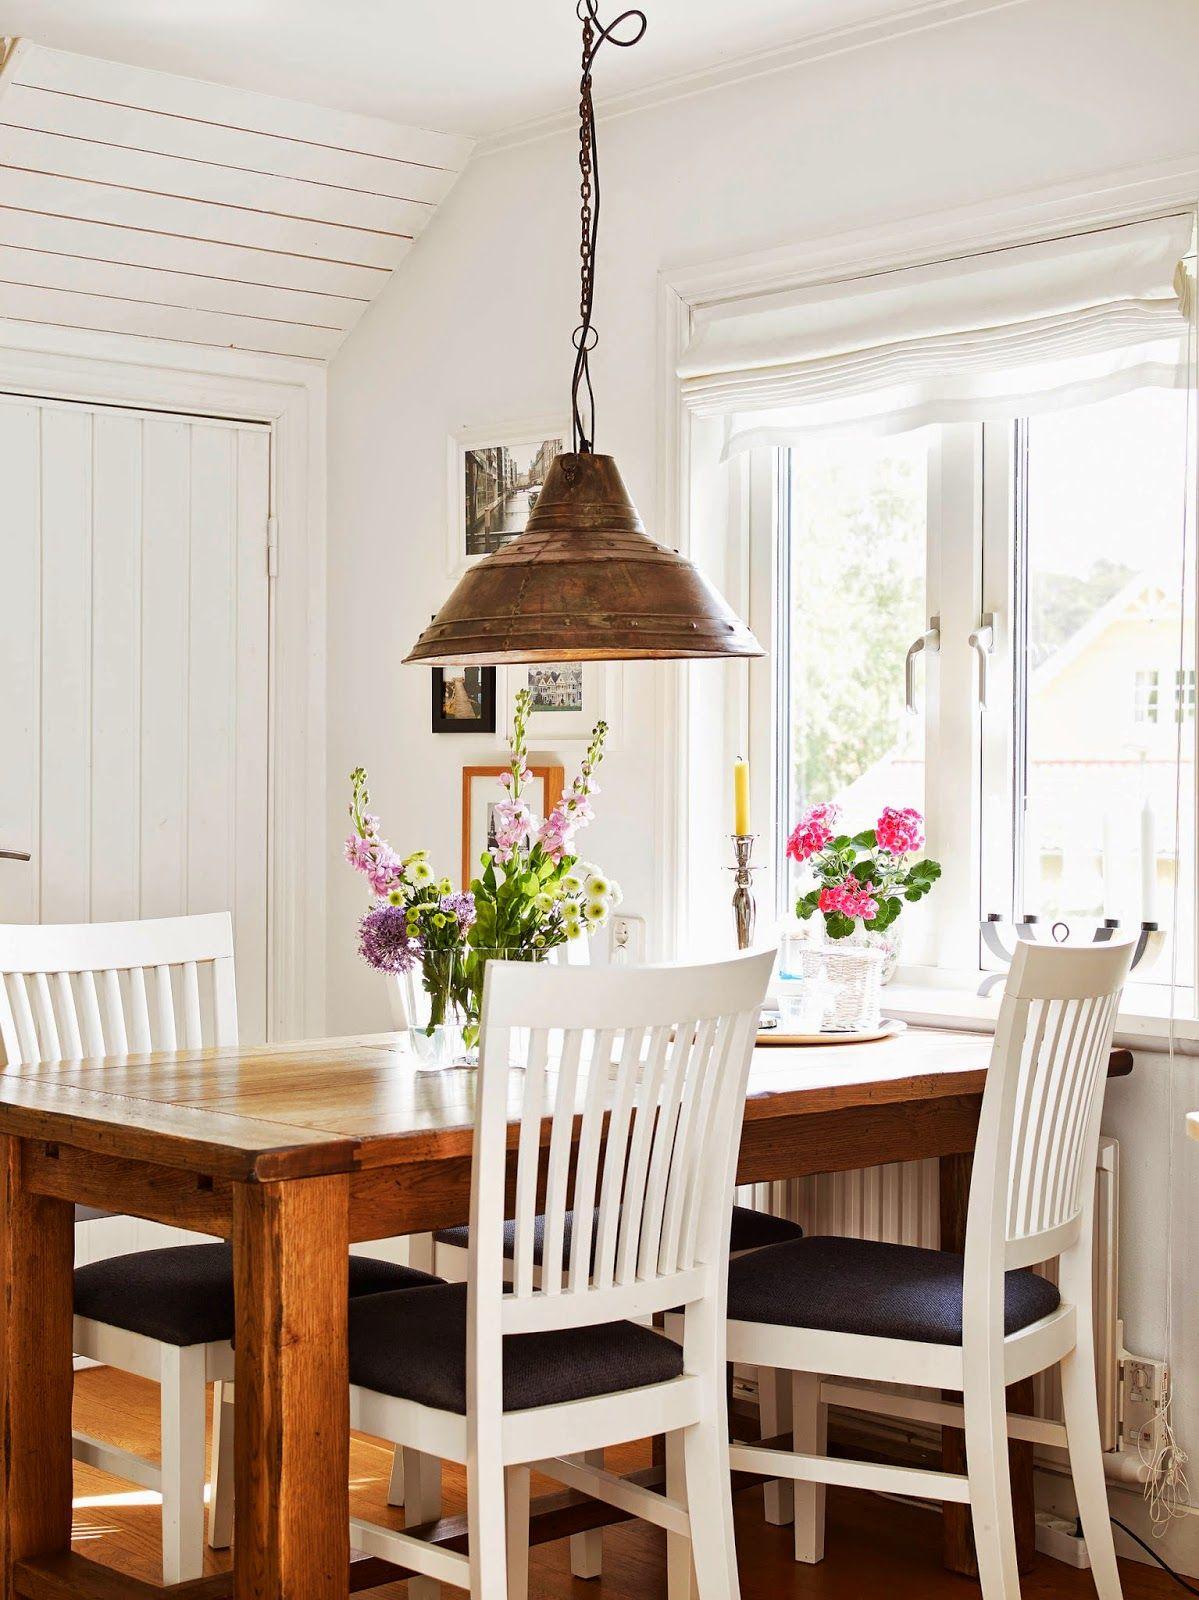 Nice dining space.